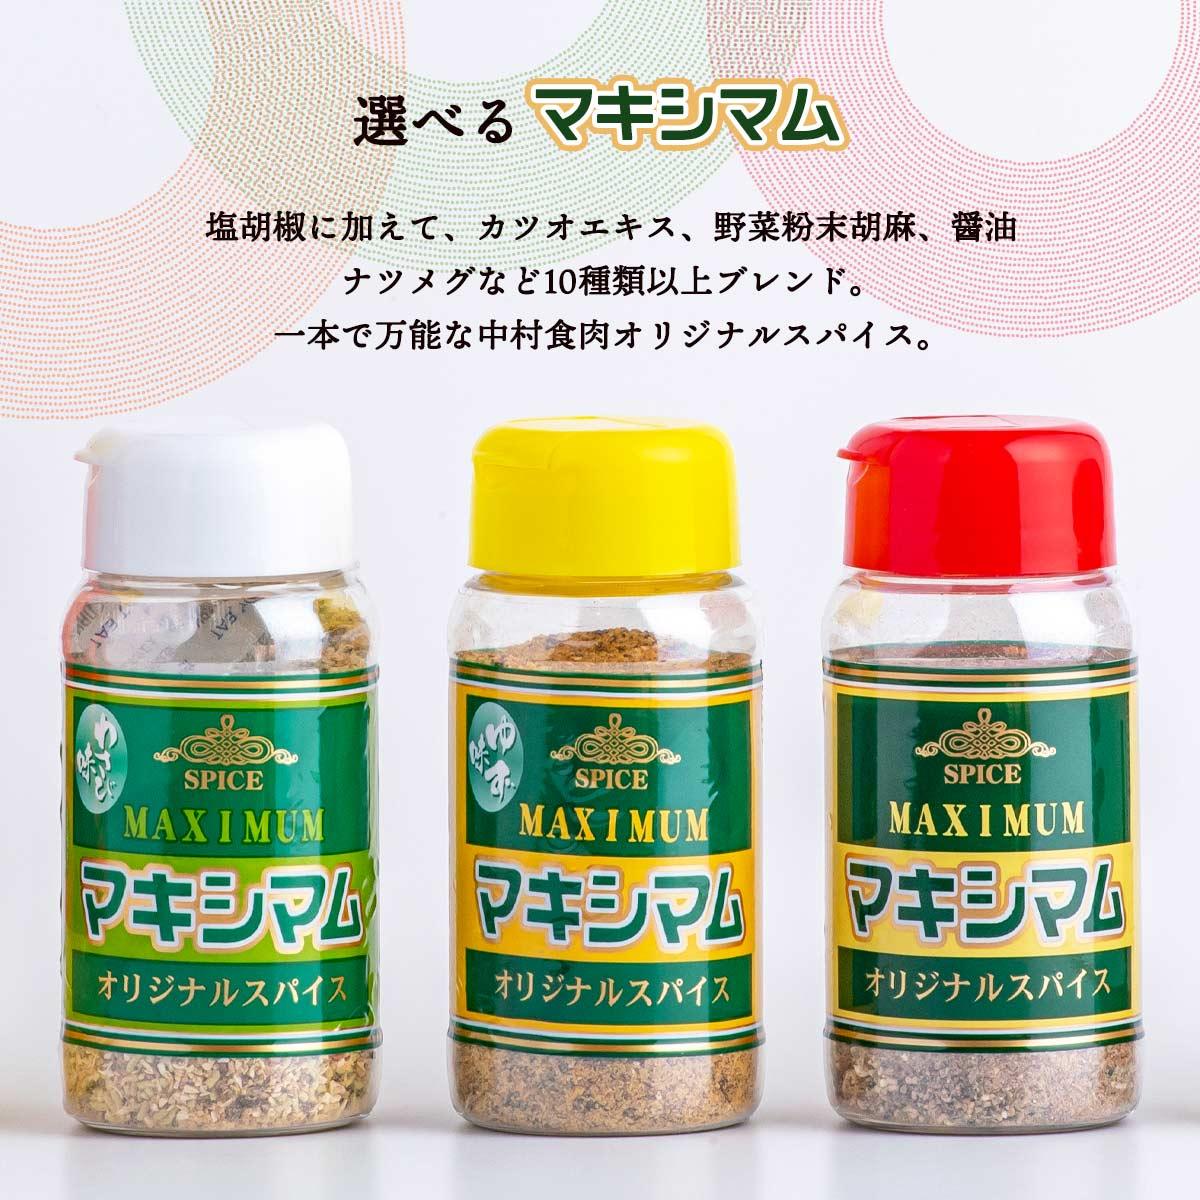 調味 料 マキシマム 調味料のマキシマムとは?宮崎が生んだ特製スパイスの使い方や購入方法